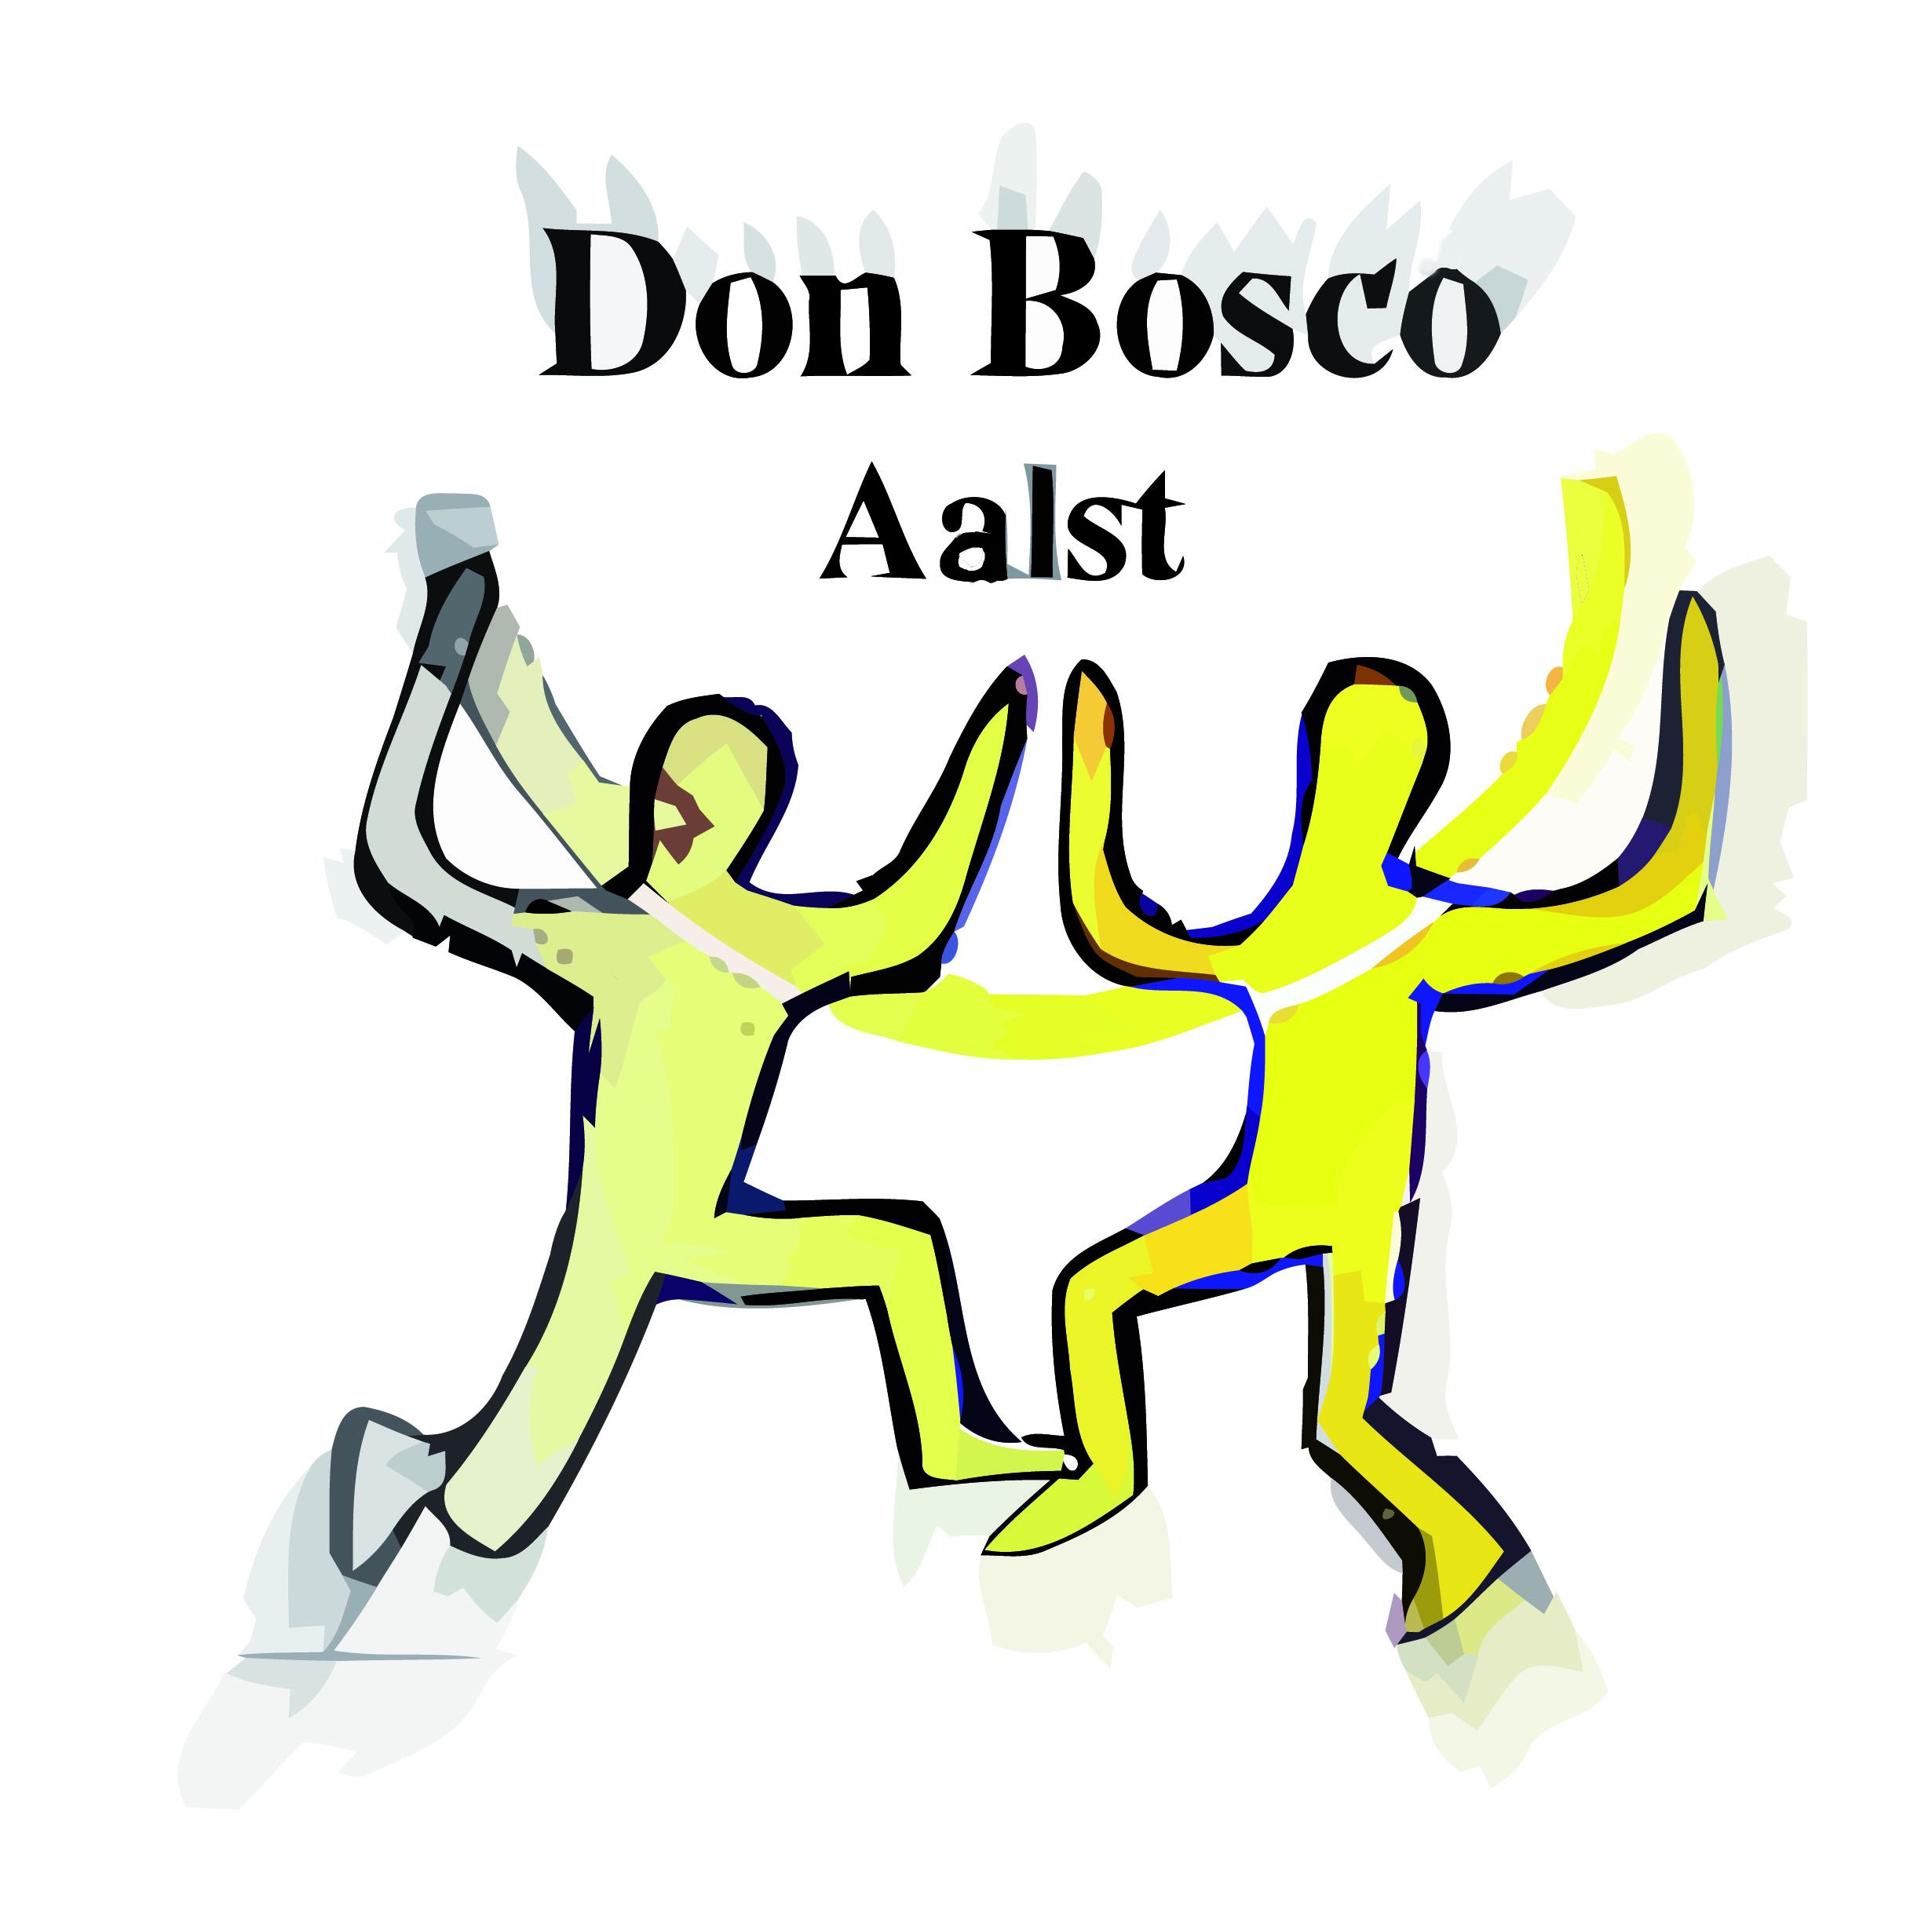 Platina Don Bosco buso